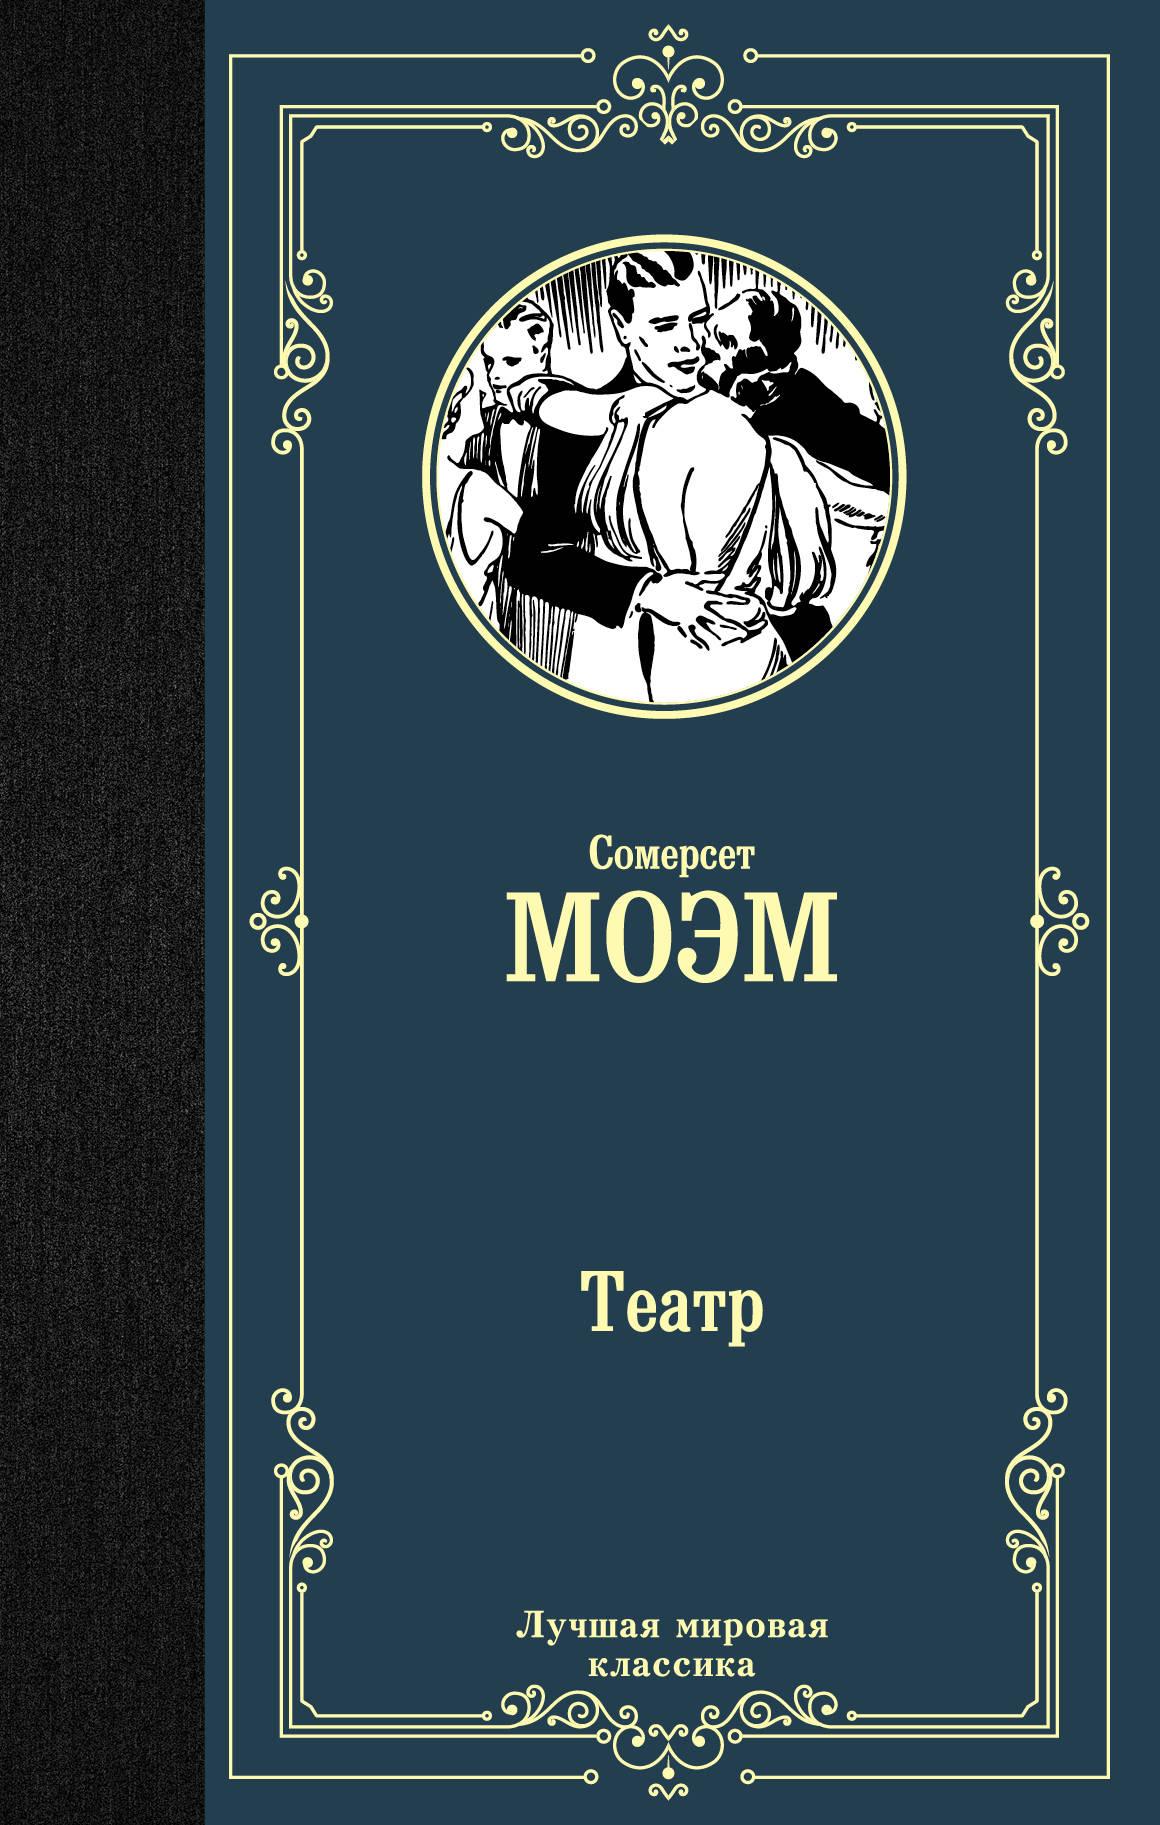 Сомерсет Моэм Театр ивар калныньш моя молодость – ссср